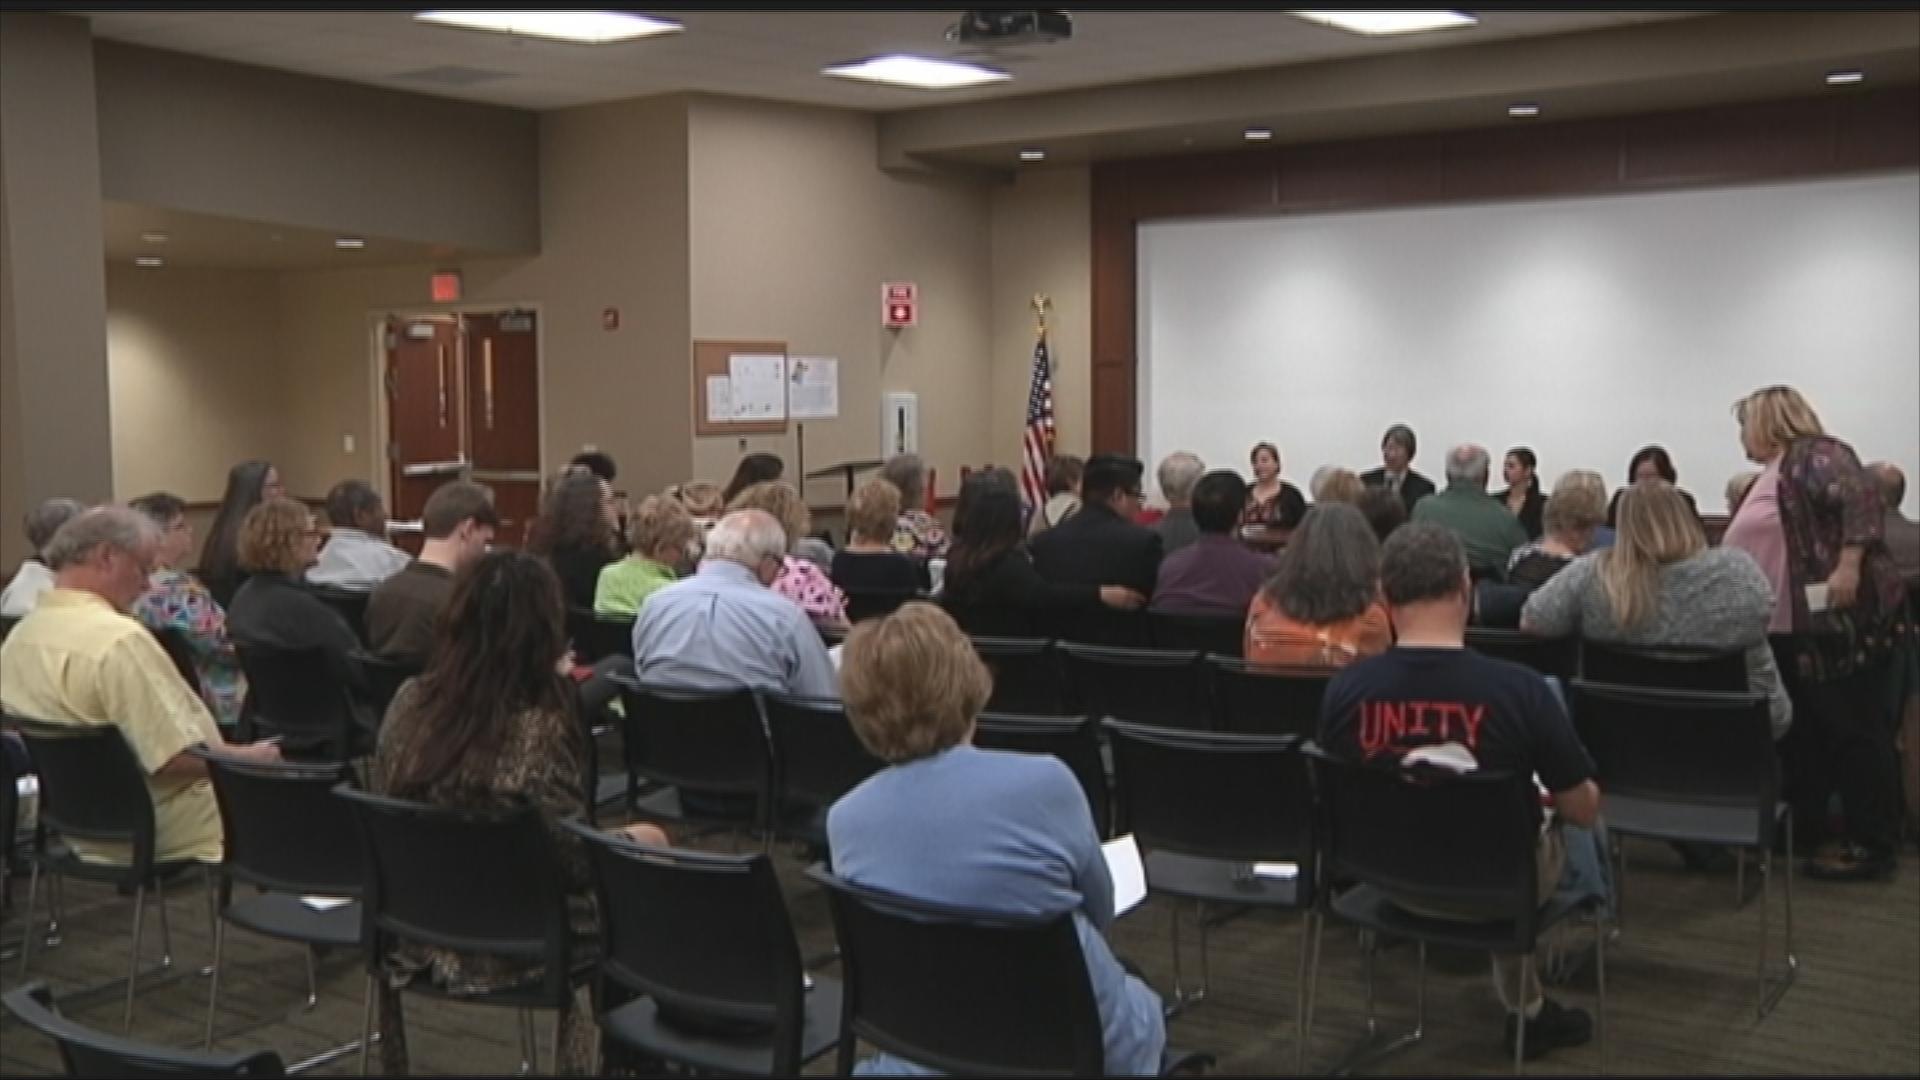 Local forum explores DACA program, DREAM Act